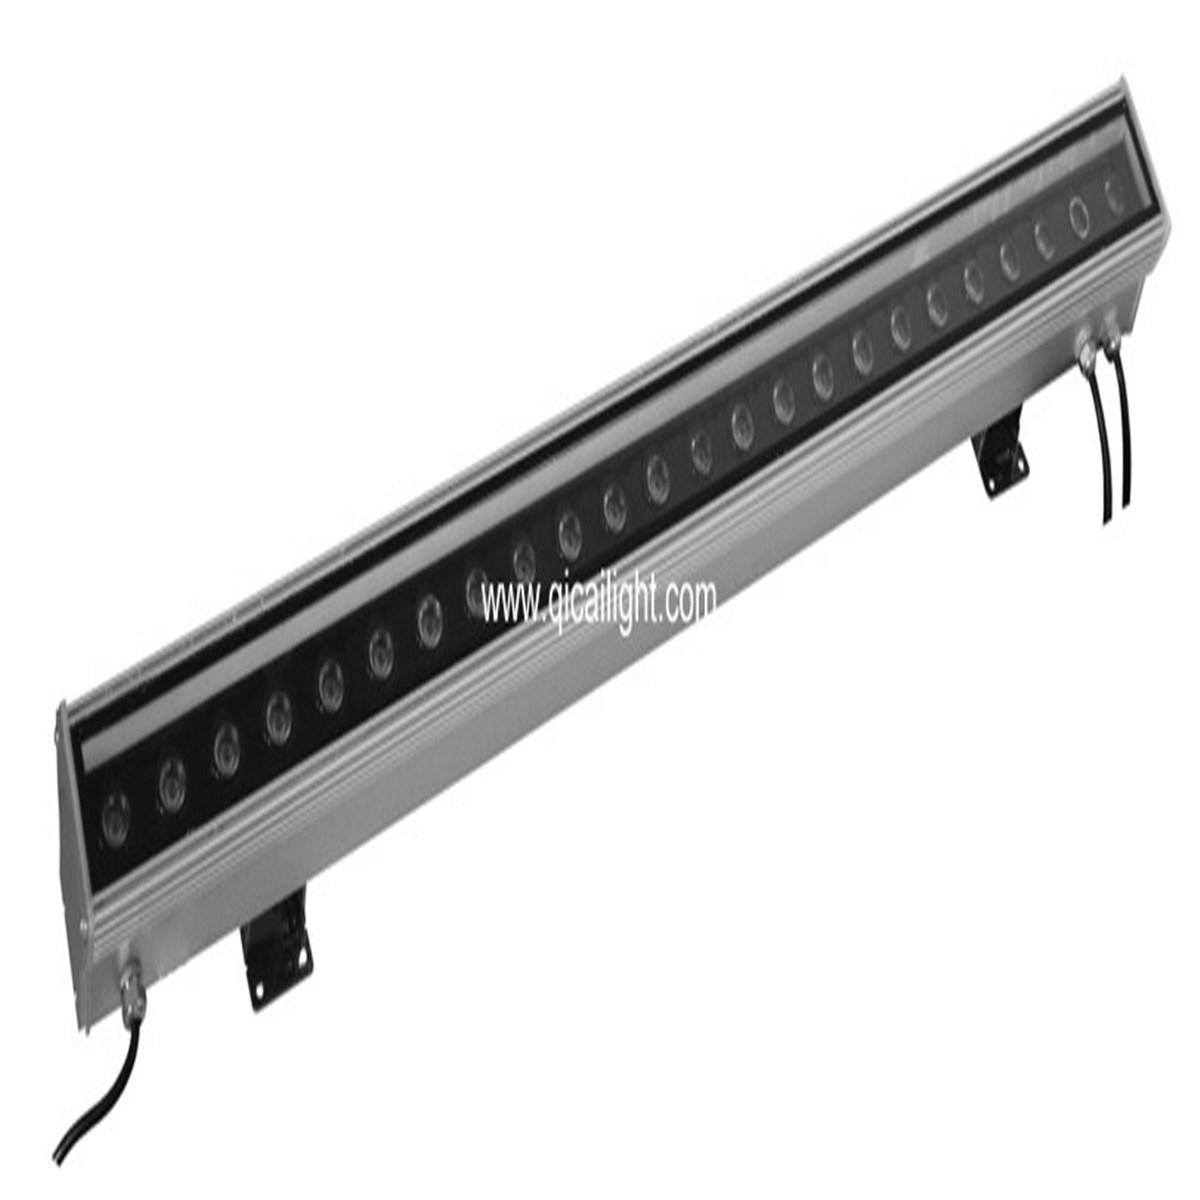 Single R/G/B LED Wall Washer - 36LED, Square (QC-R/G/B-WW-36W-S)